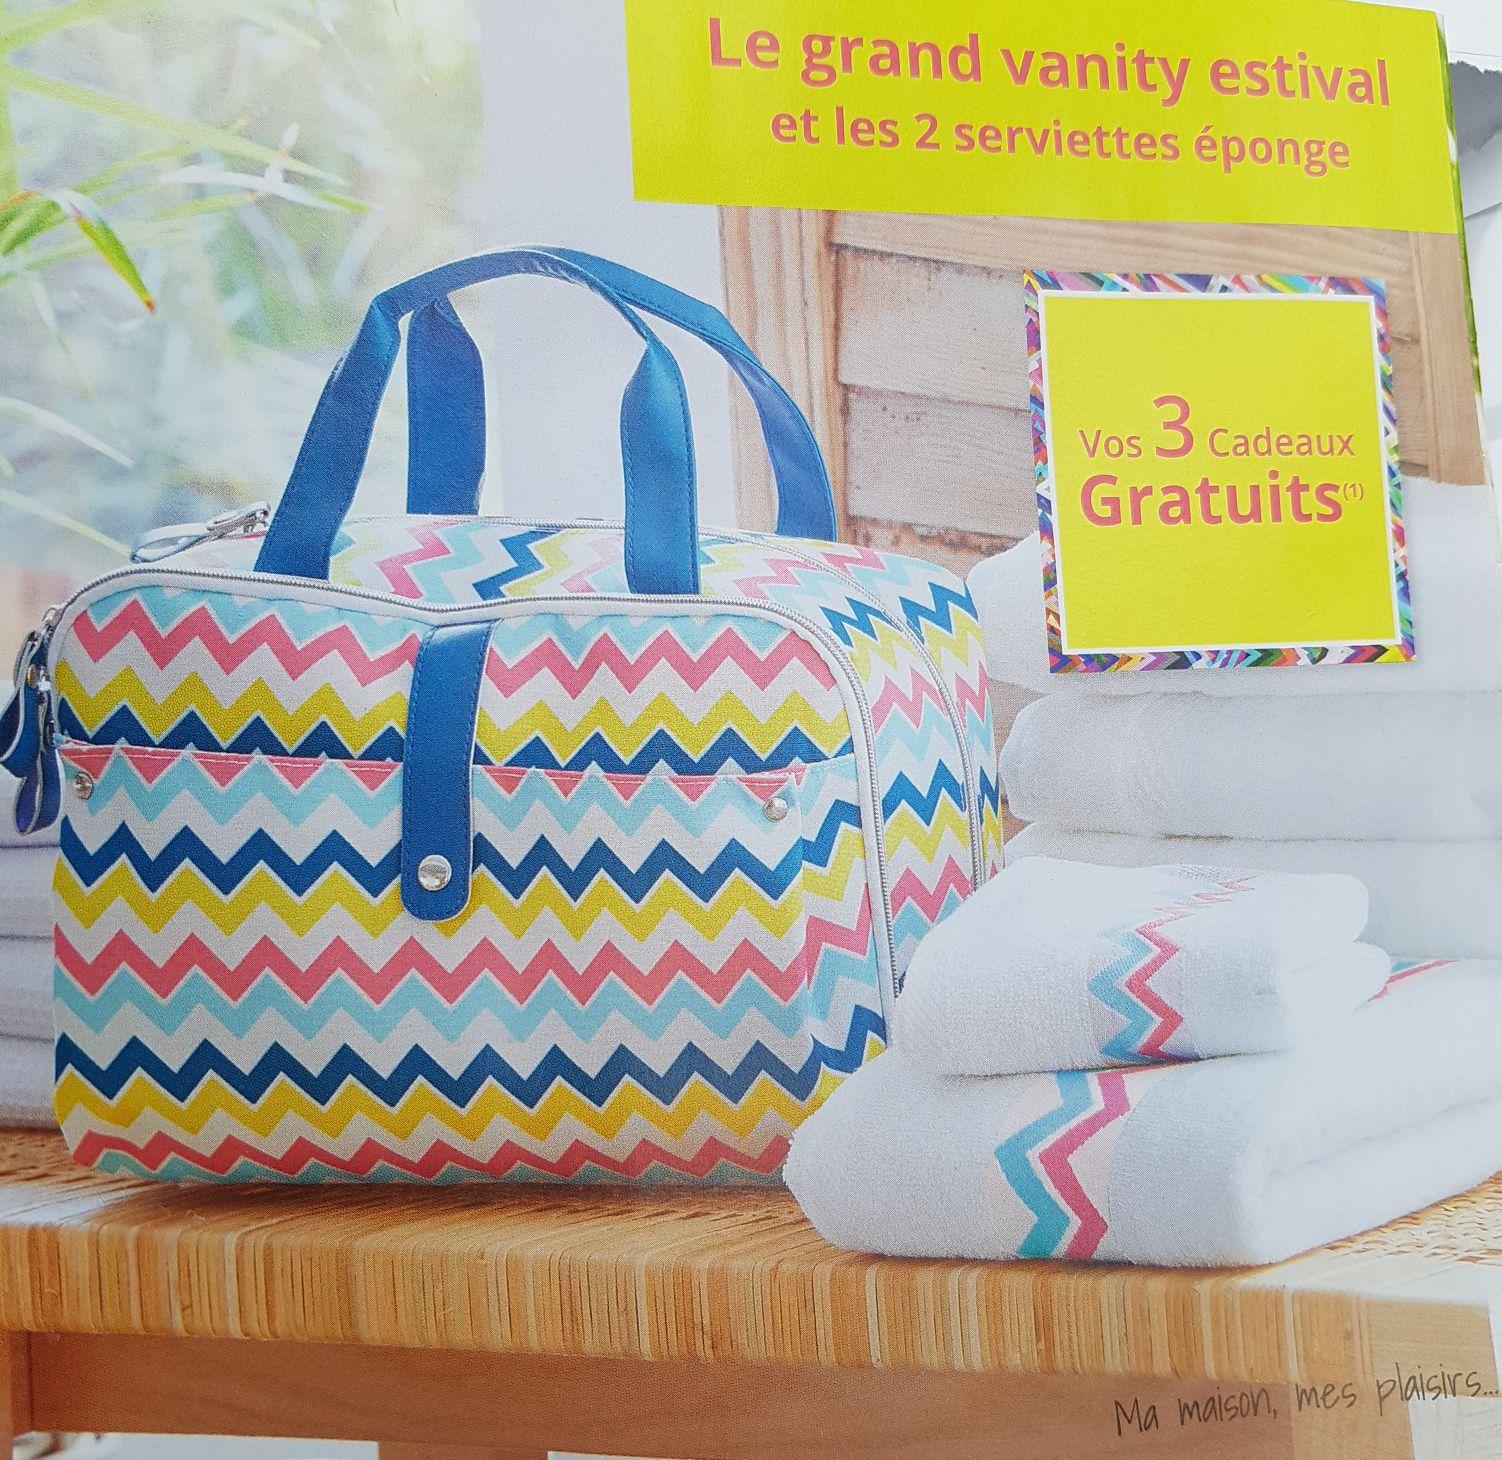 Livraison gratuite dès 10€ d'achat + 1 Grand vanity et 2 serviettes